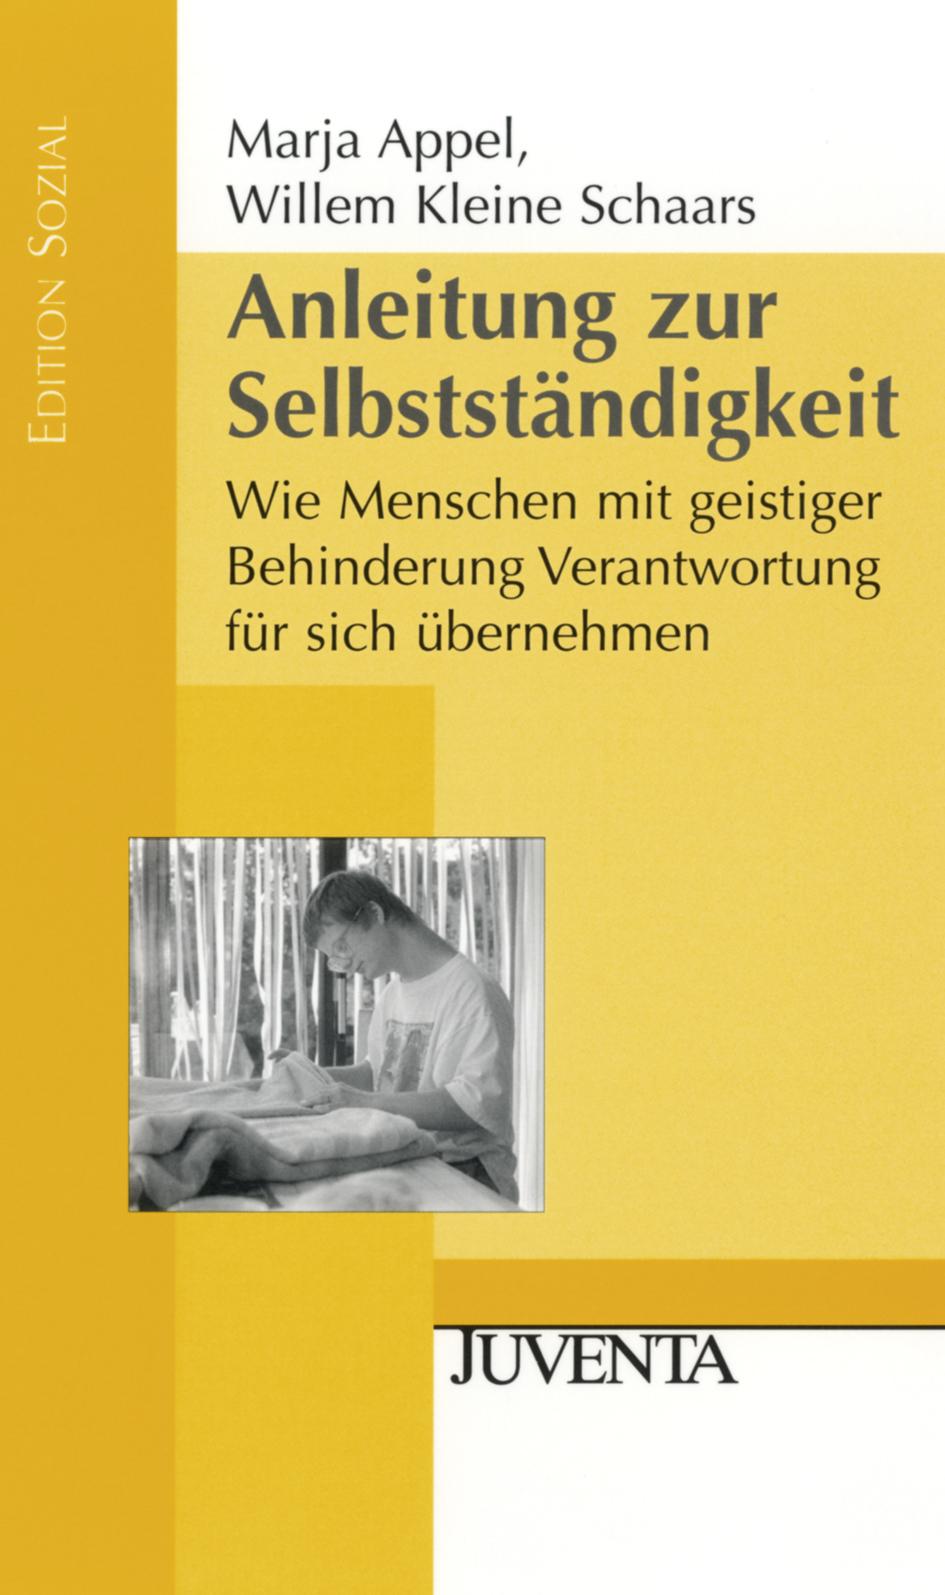 Anleitung zur Selbstständigkeit Willem Kleine Schaars 9783779920014